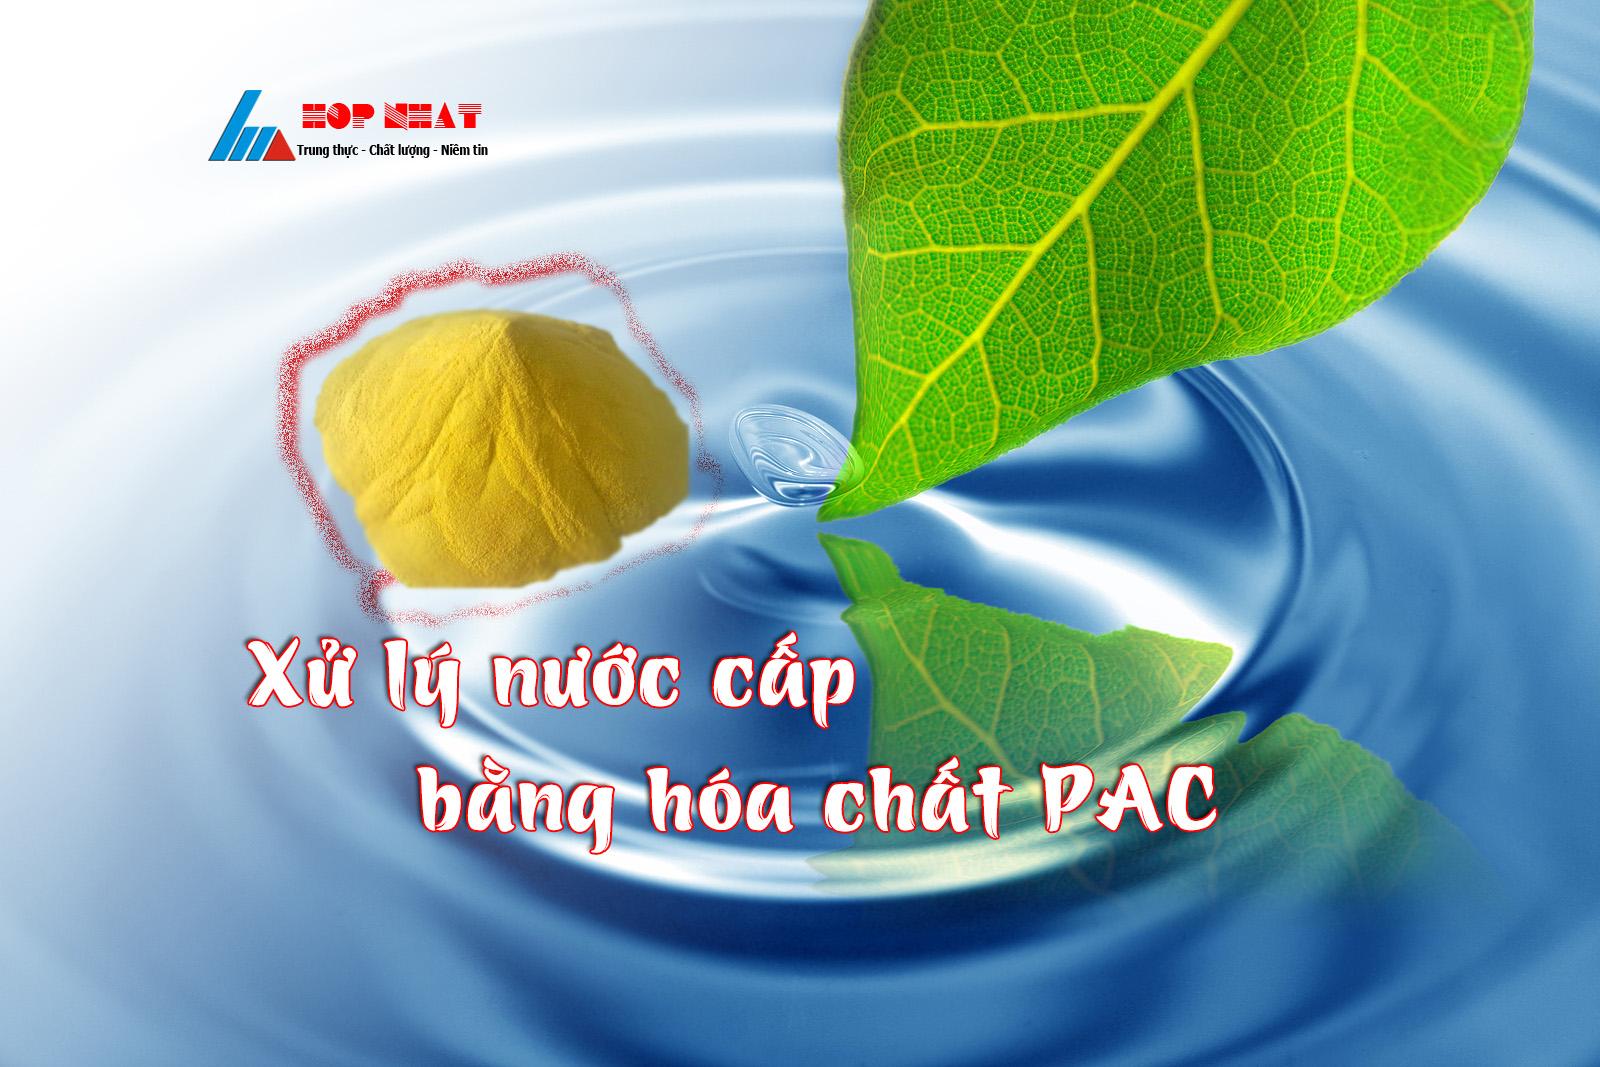 xử lý nước cấp bằng PAC